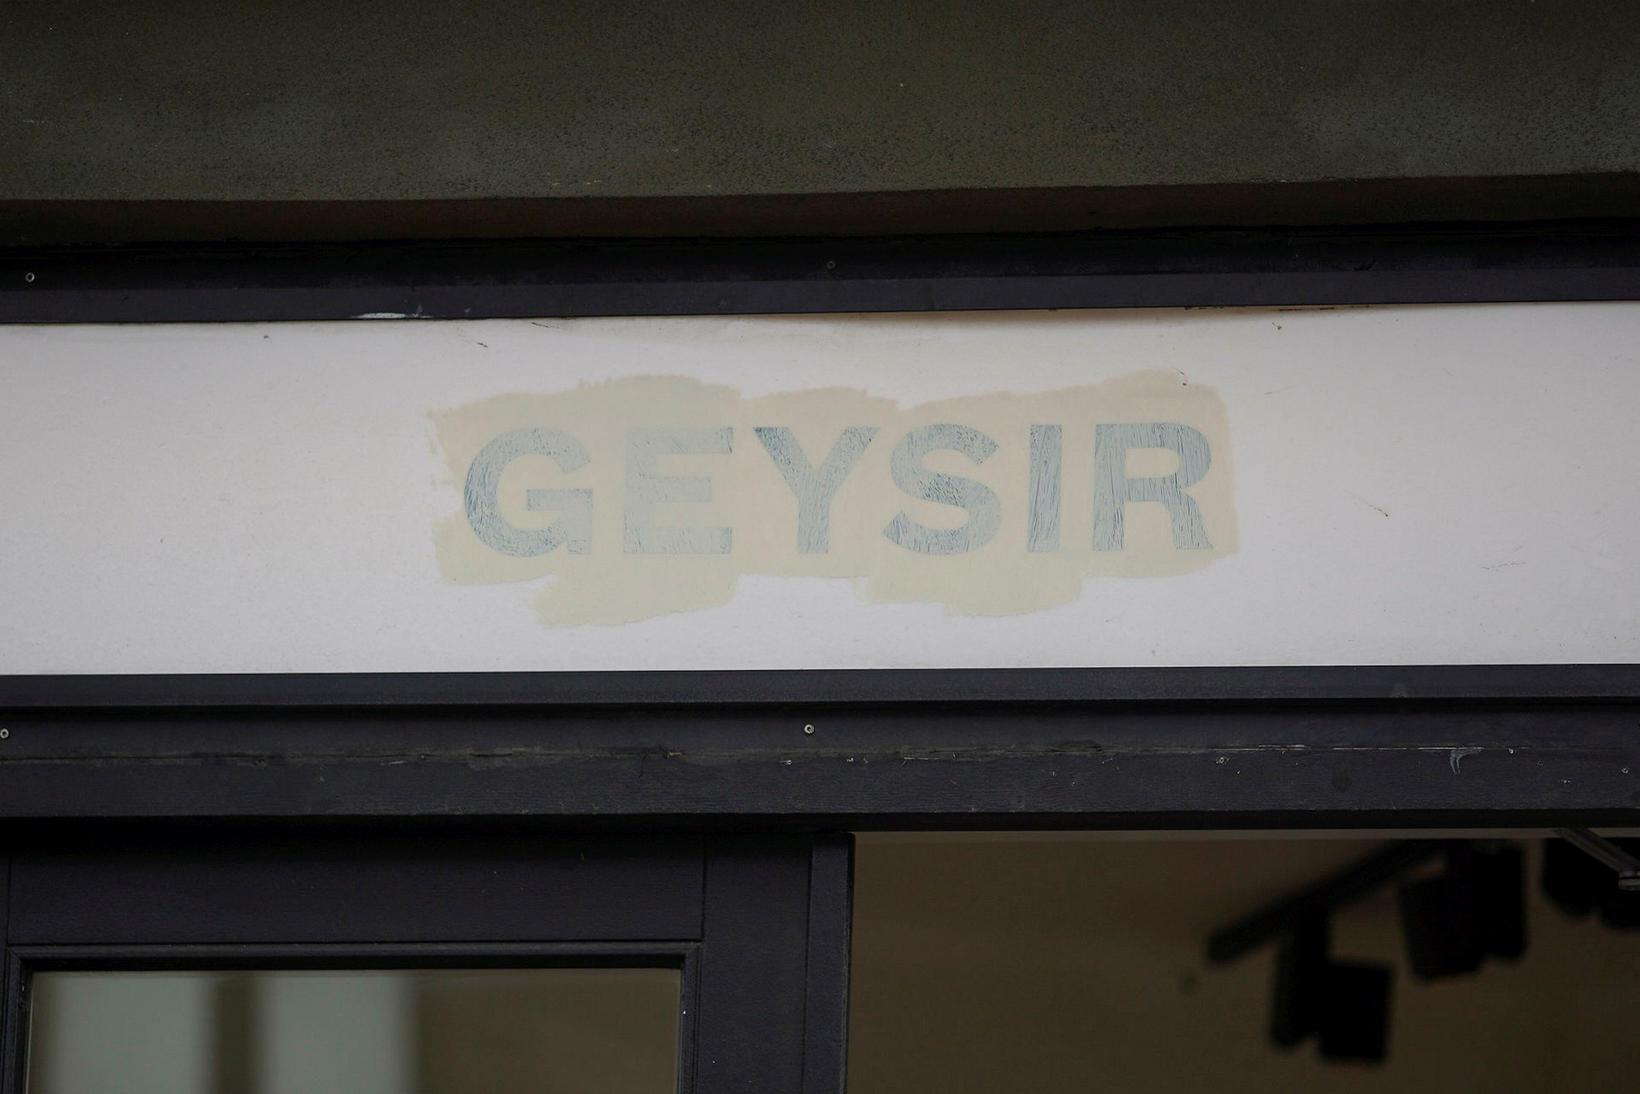 Jóhann tók sig til og málaði yfir merki Geysis.